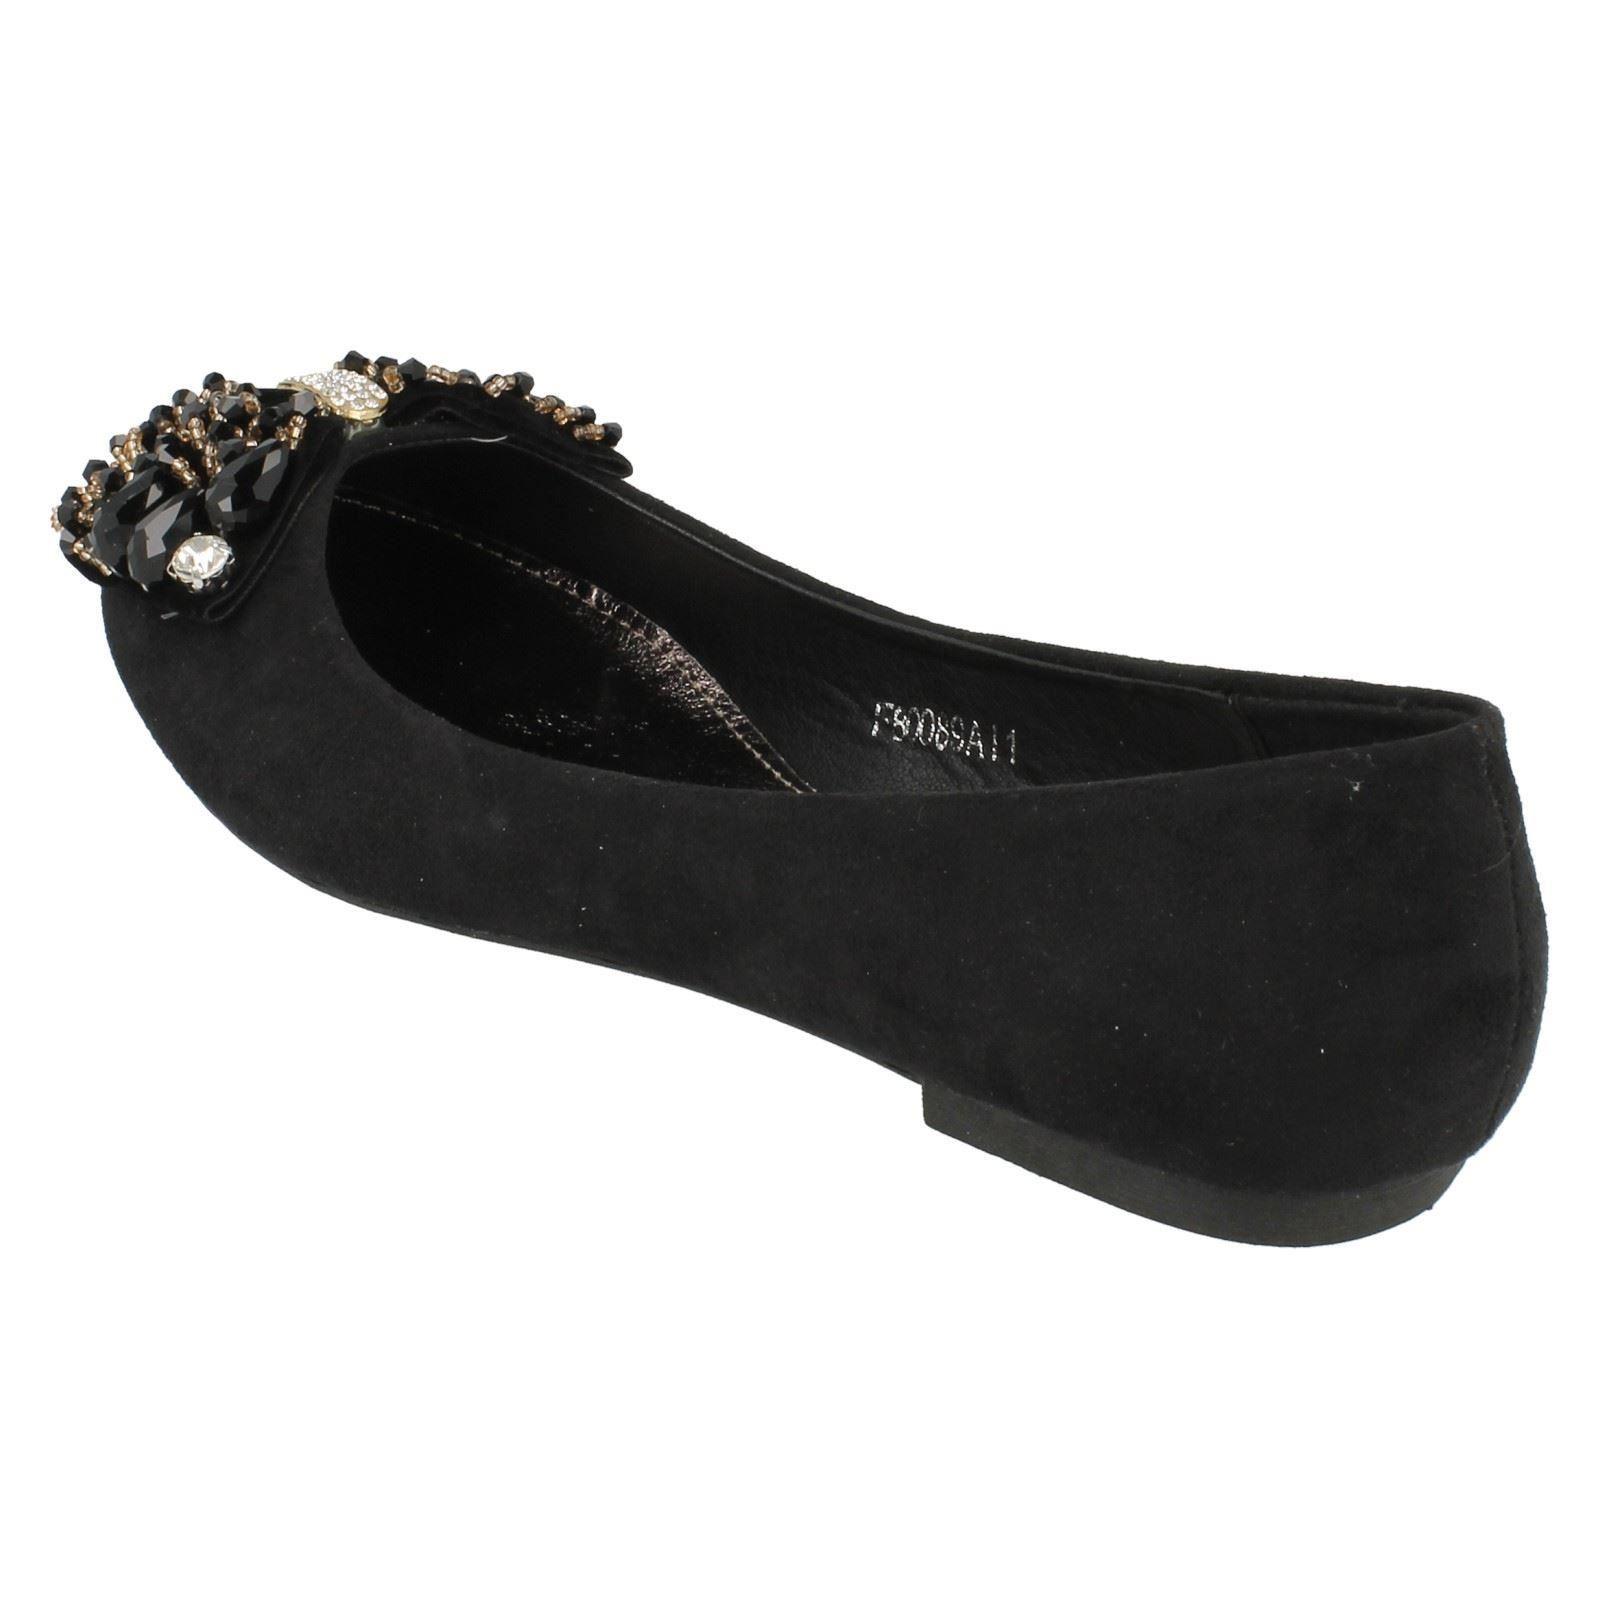 Señoras de punto en zapatos de la Bailarina-f80089